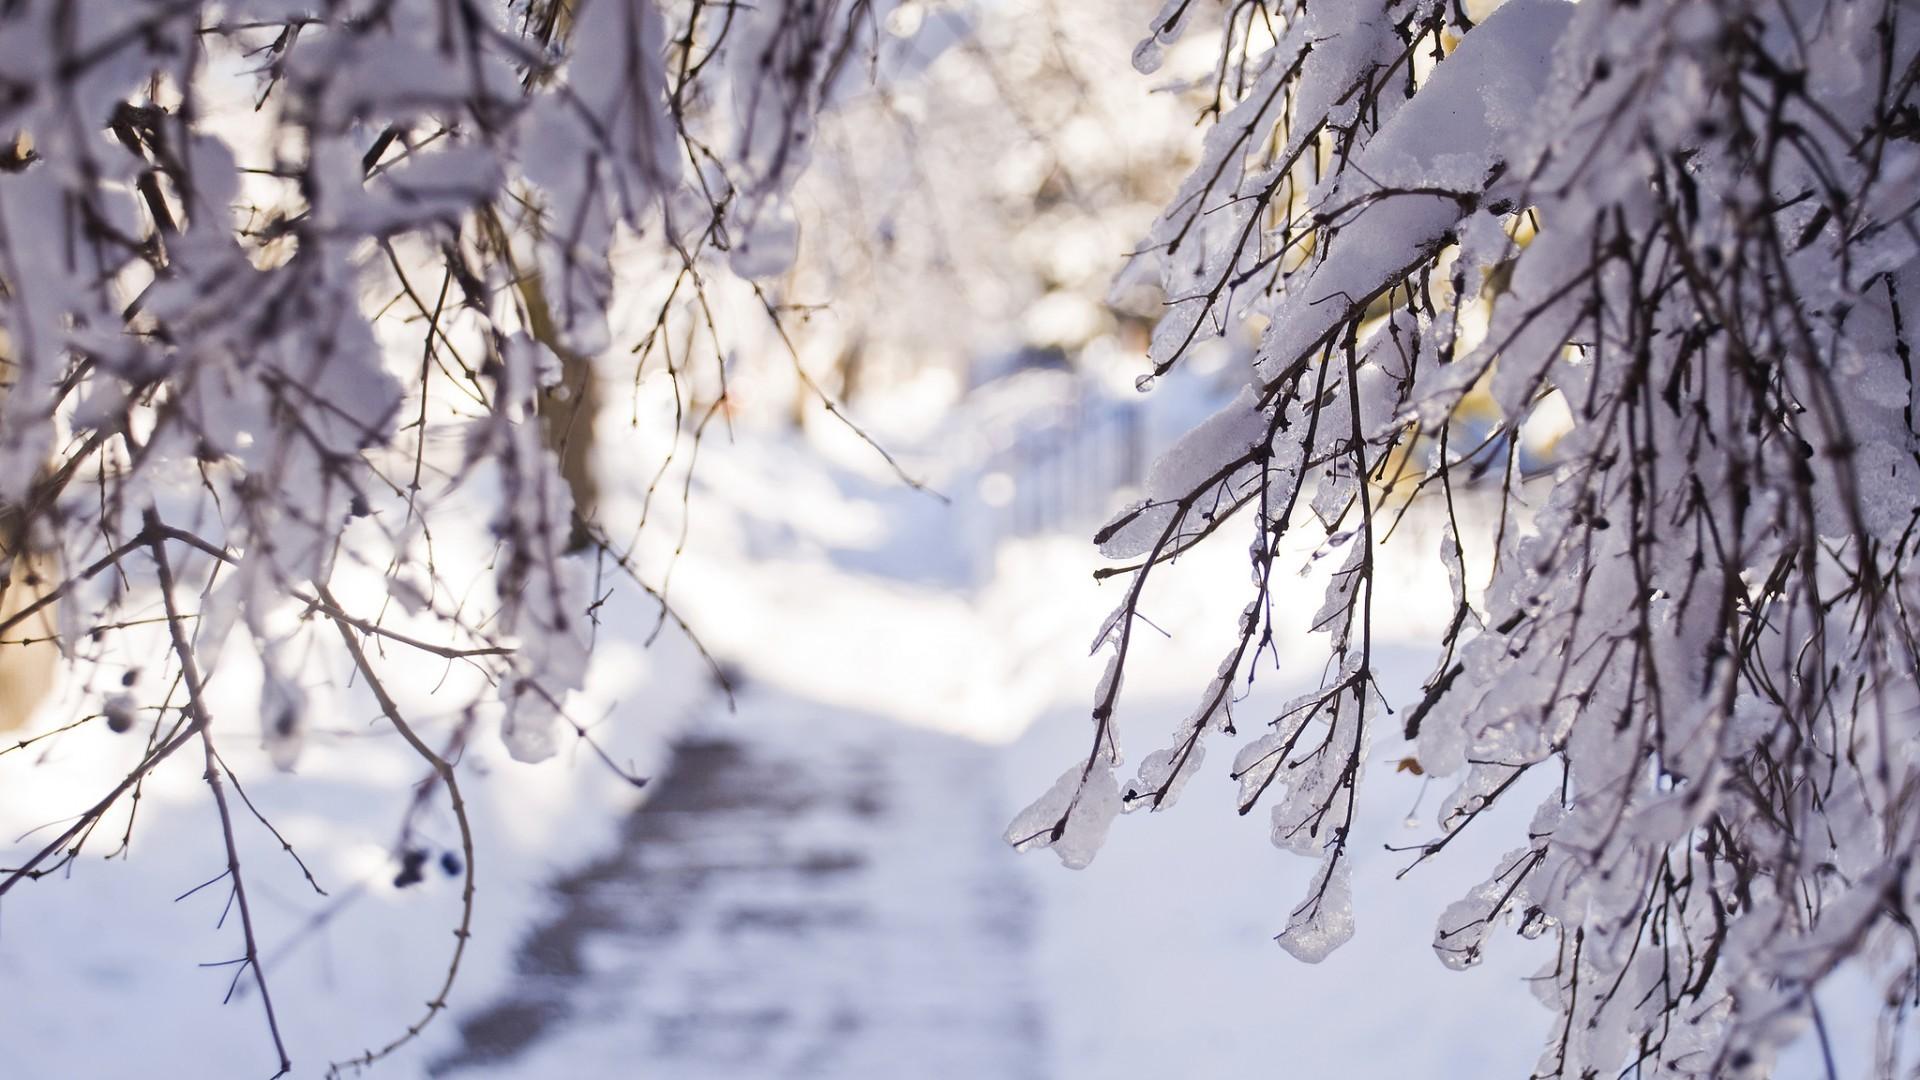 23220 descargar fondo de pantalla Paisaje, Invierno, Árboles, Nieve: protectores de pantalla e imágenes gratis